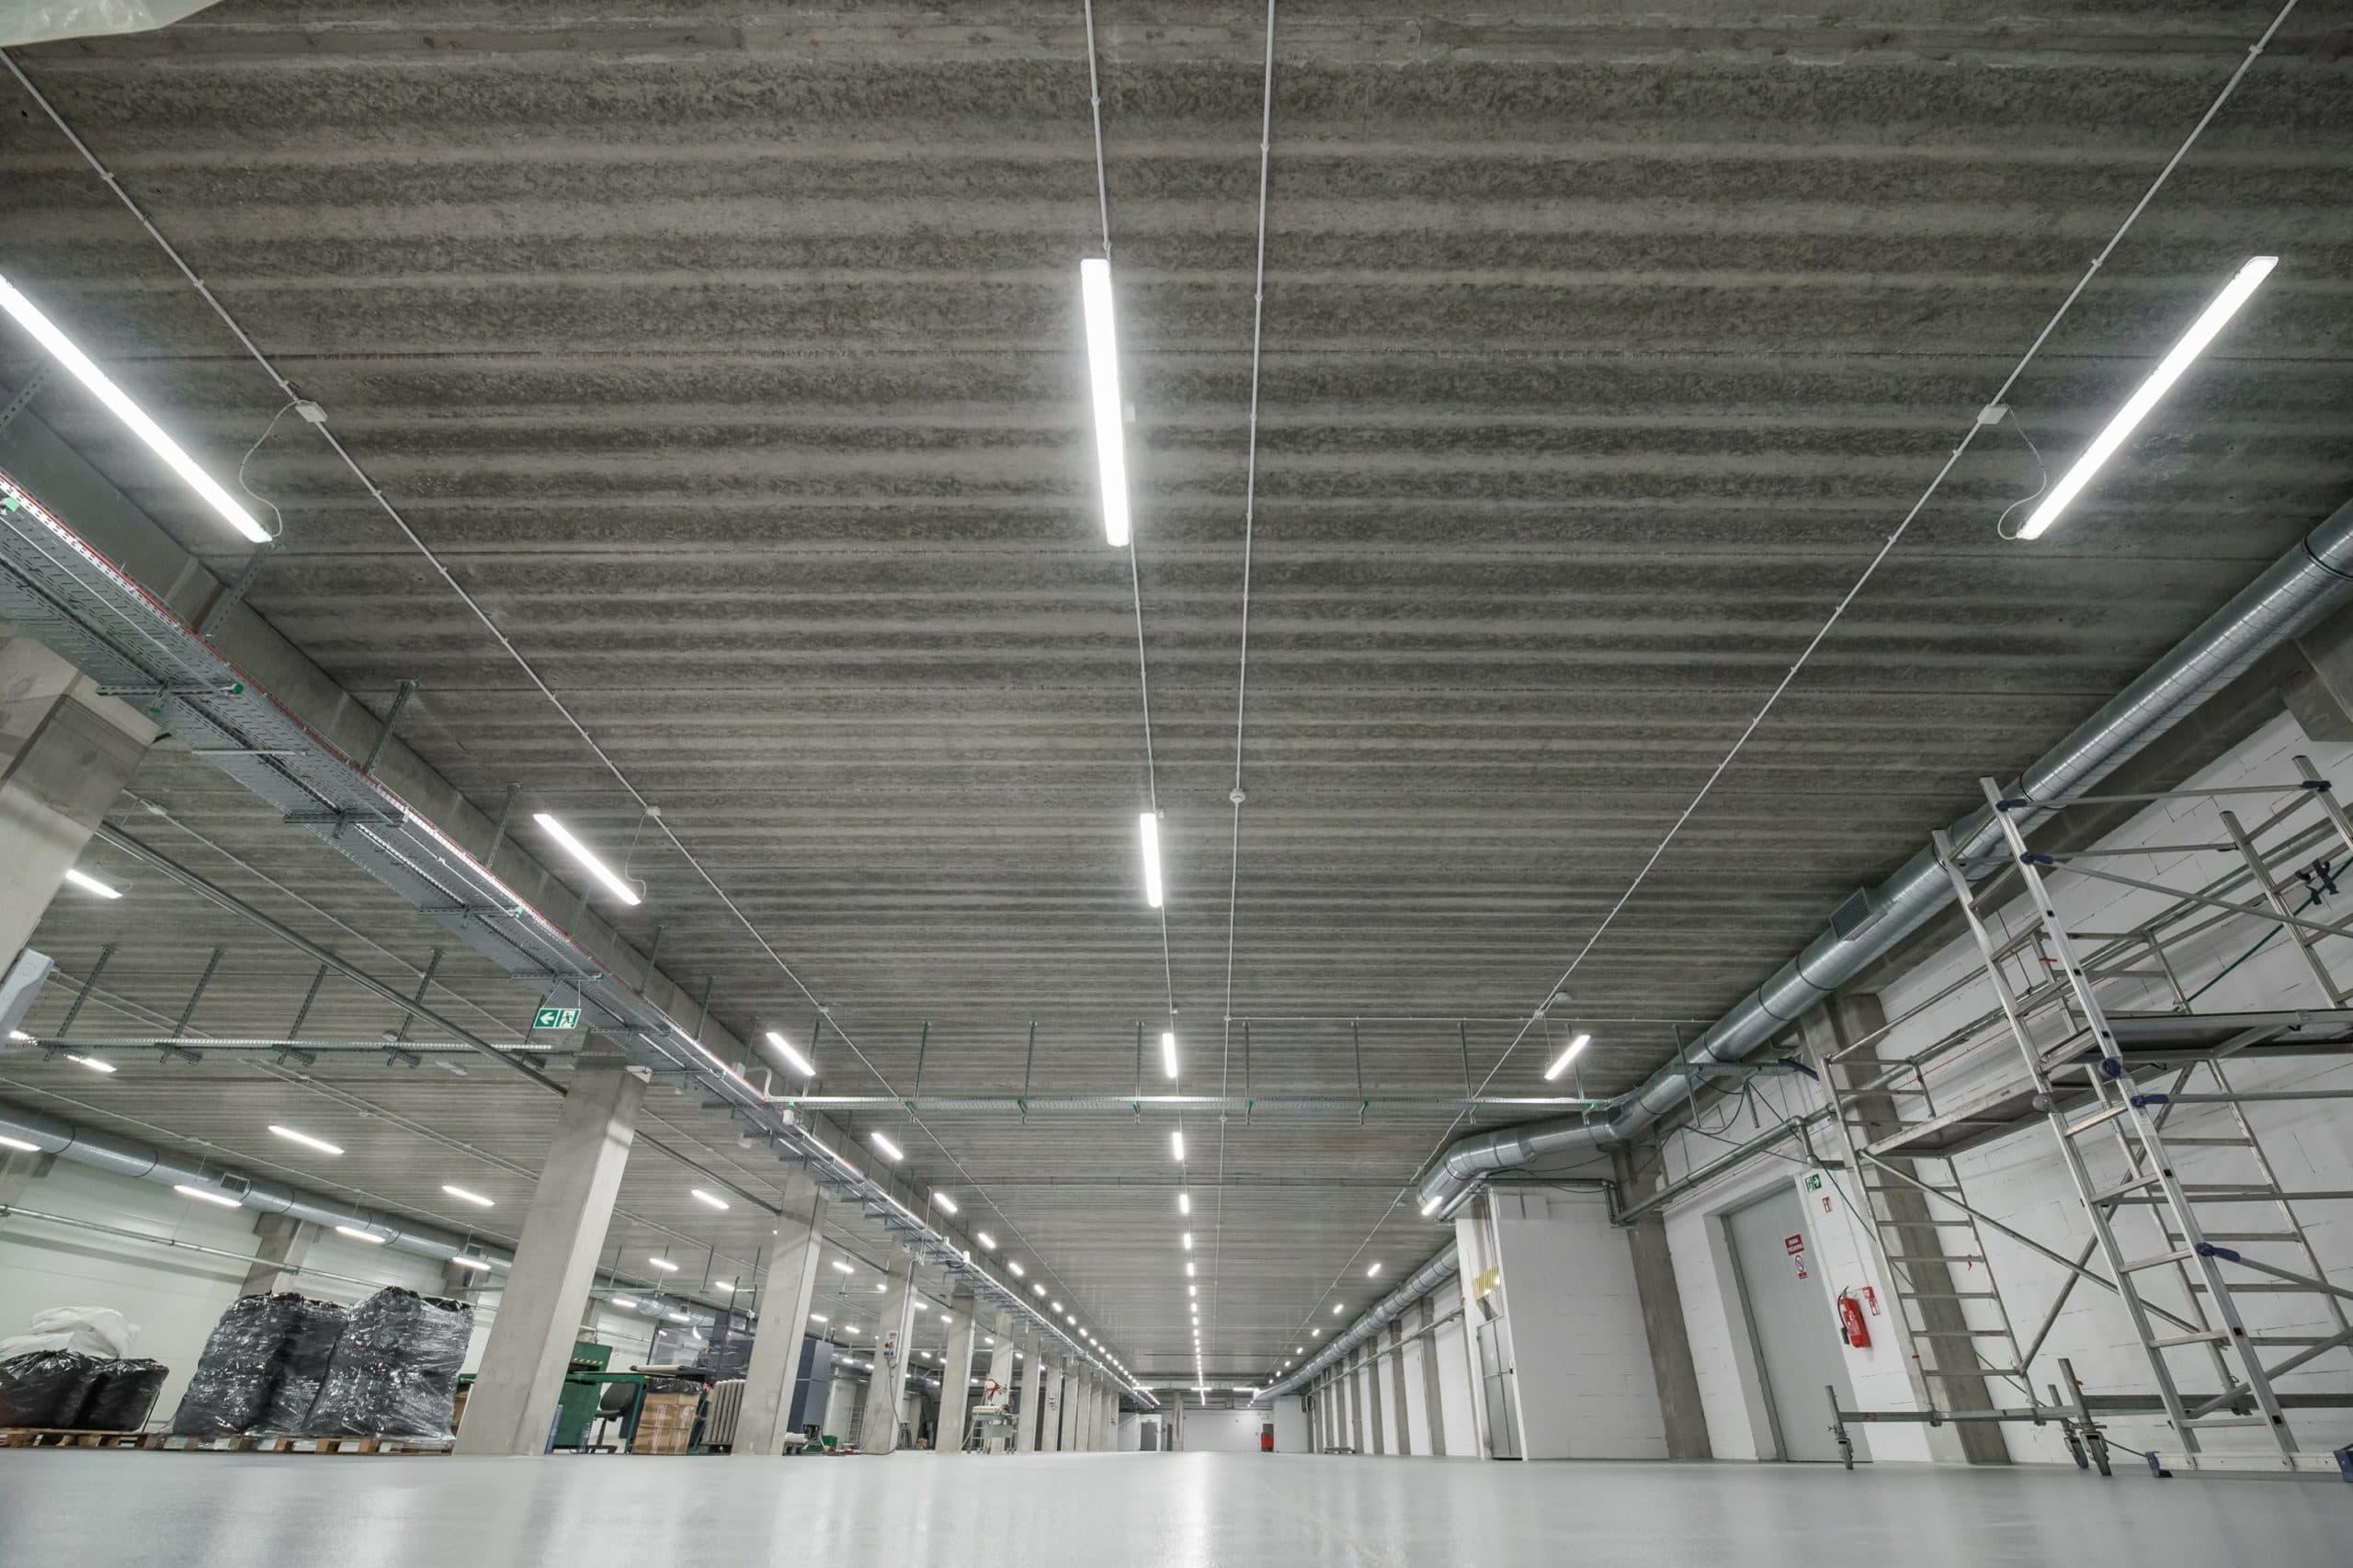 Zmodernizowana hala przemysłowa firmy Euroimpex oświetlona oprawami Industrial - Luxon LED